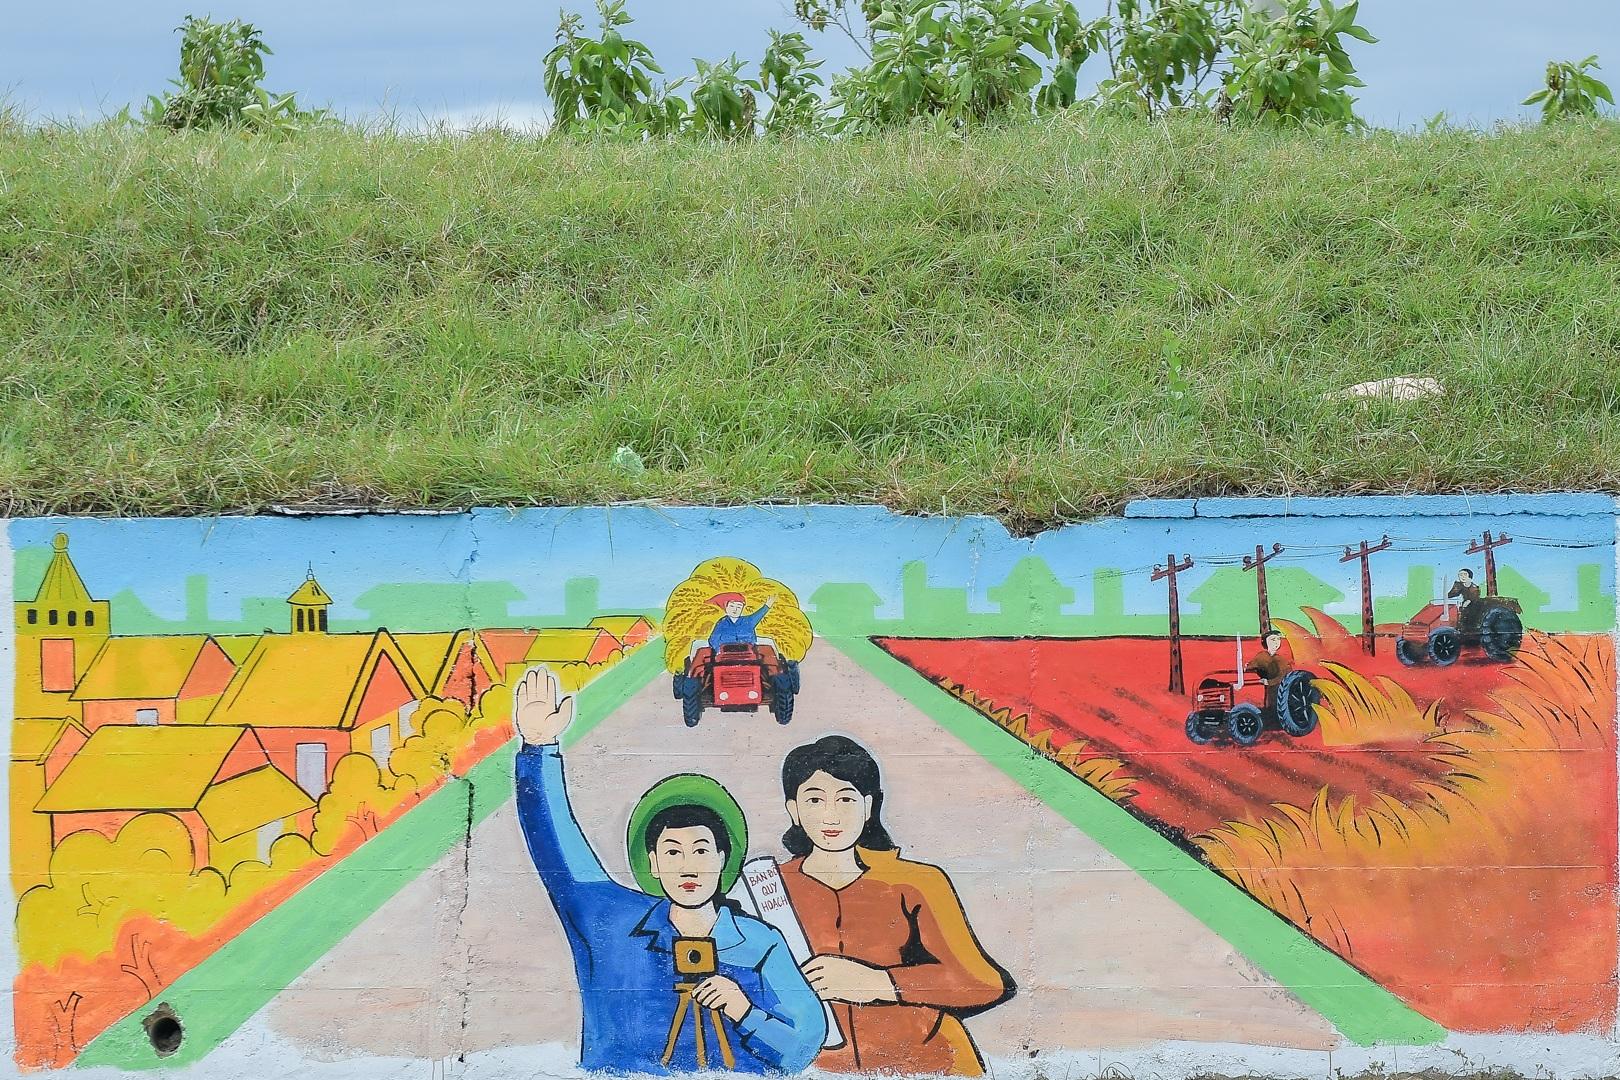 Con đường bích họa dài hơn 2 km ở ngoại thành Hà Nội - 1